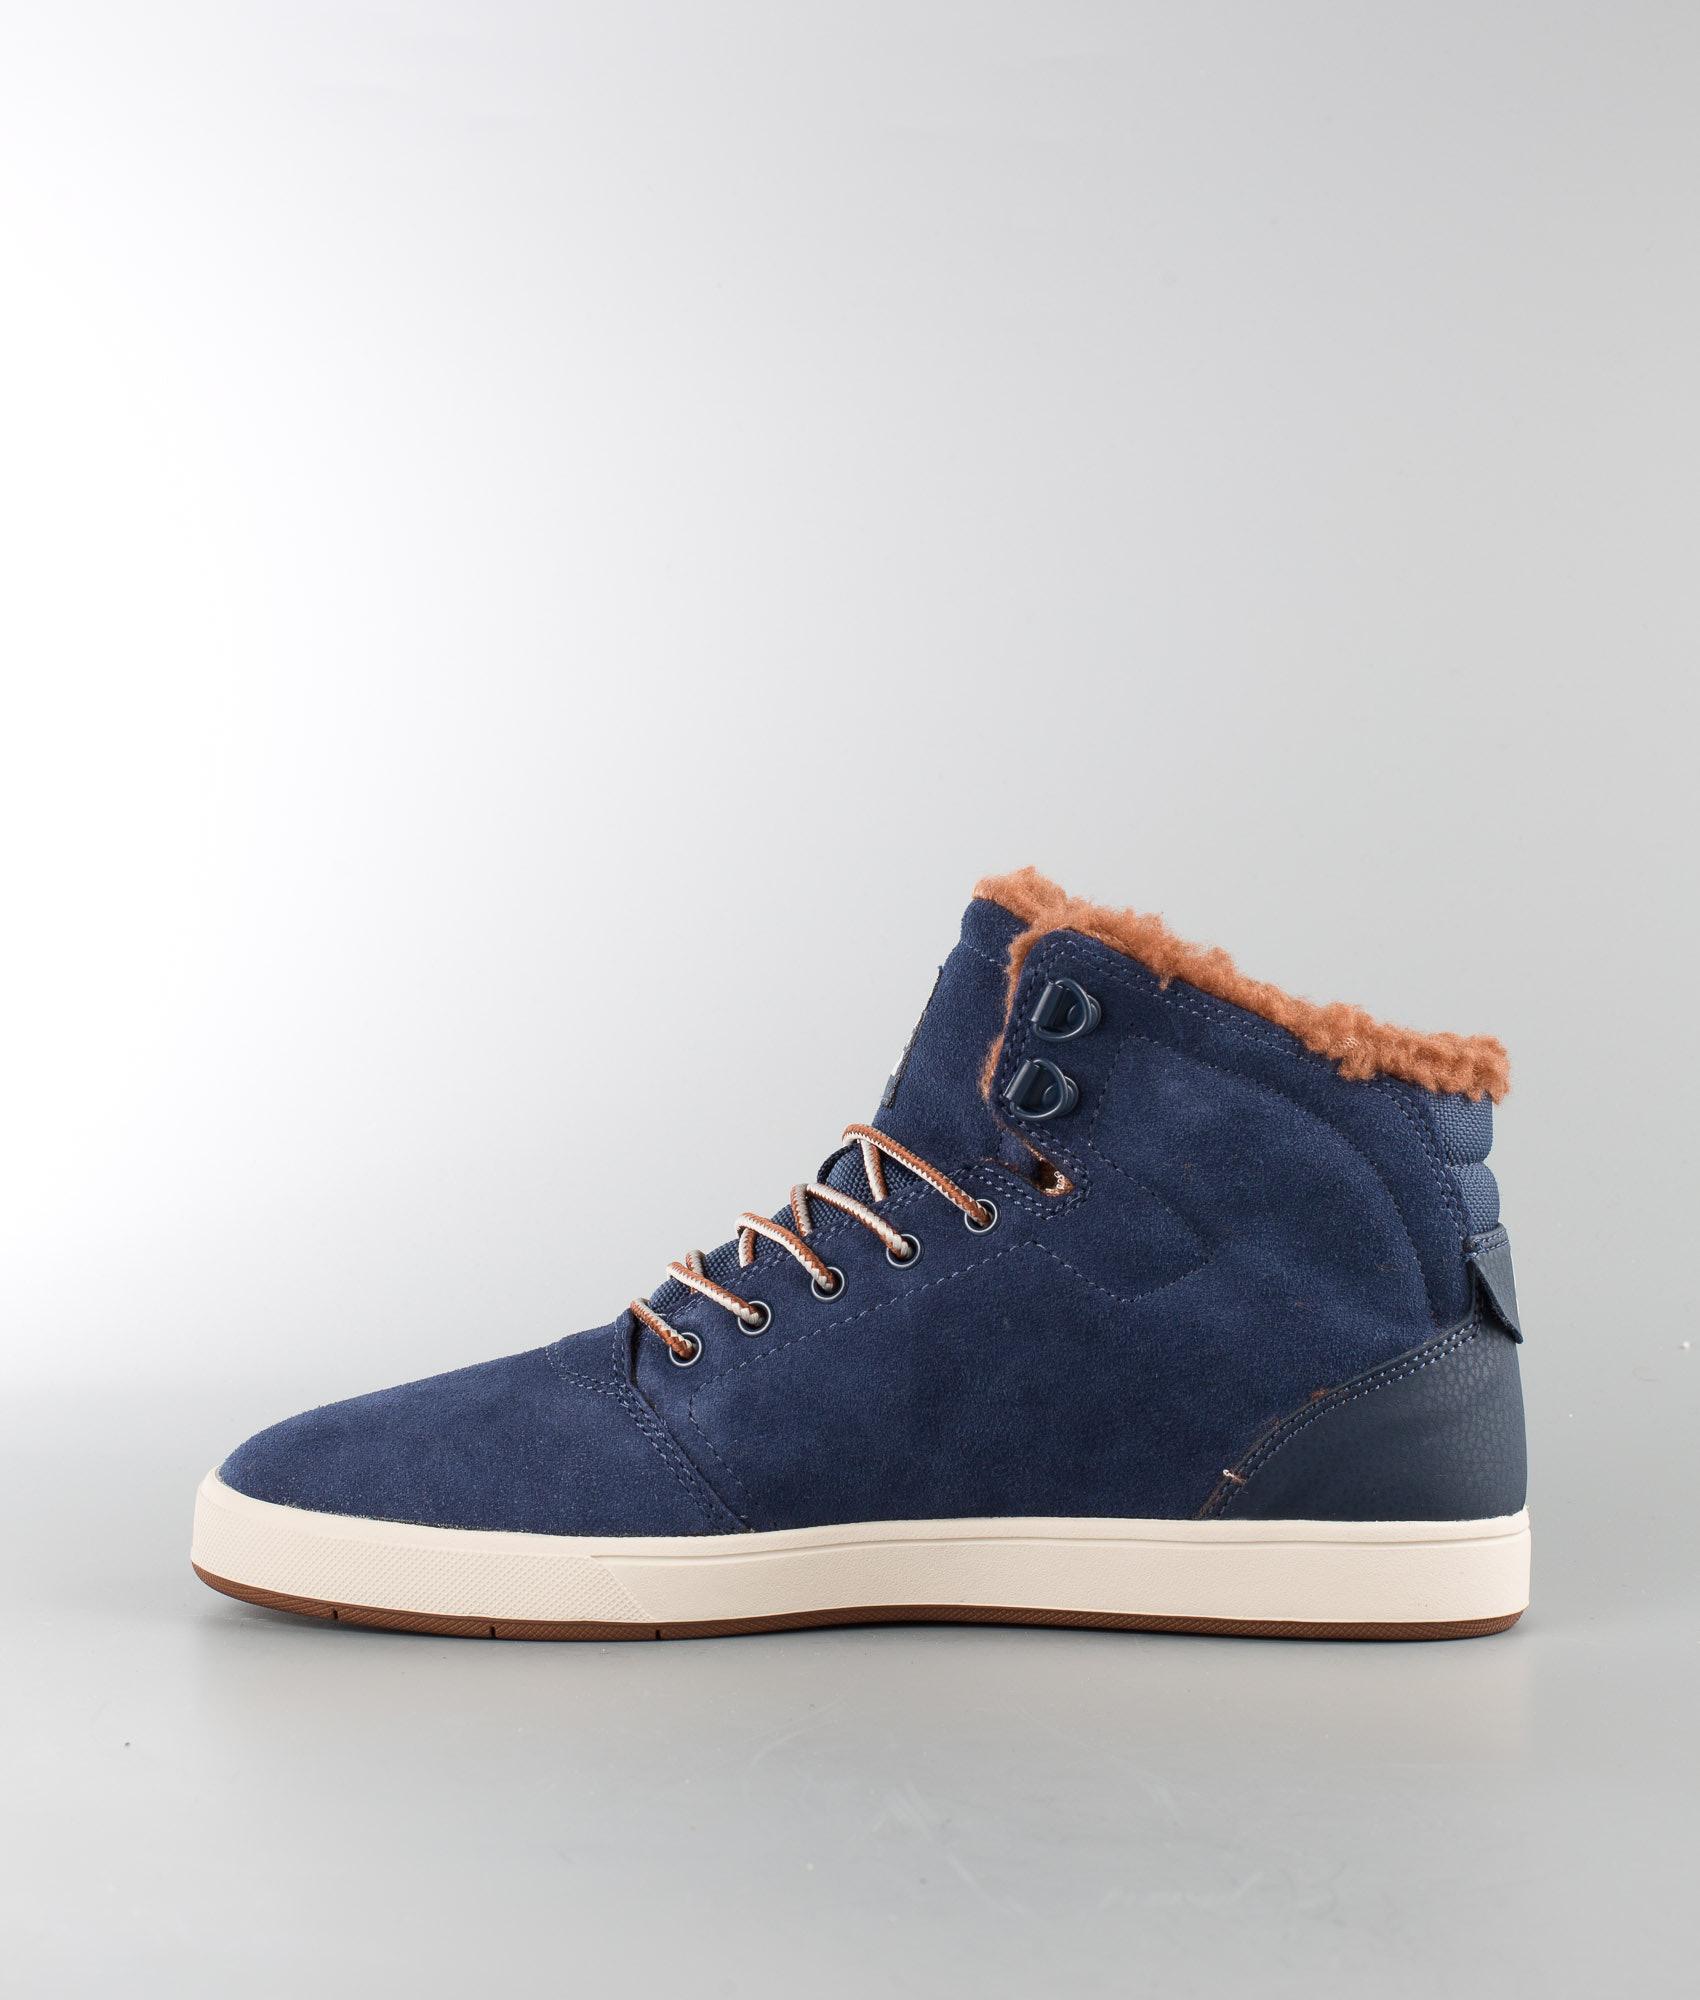 71f4e0d21e DC Crisis High Wnt Shoes Navy Camel - Ridestore.com